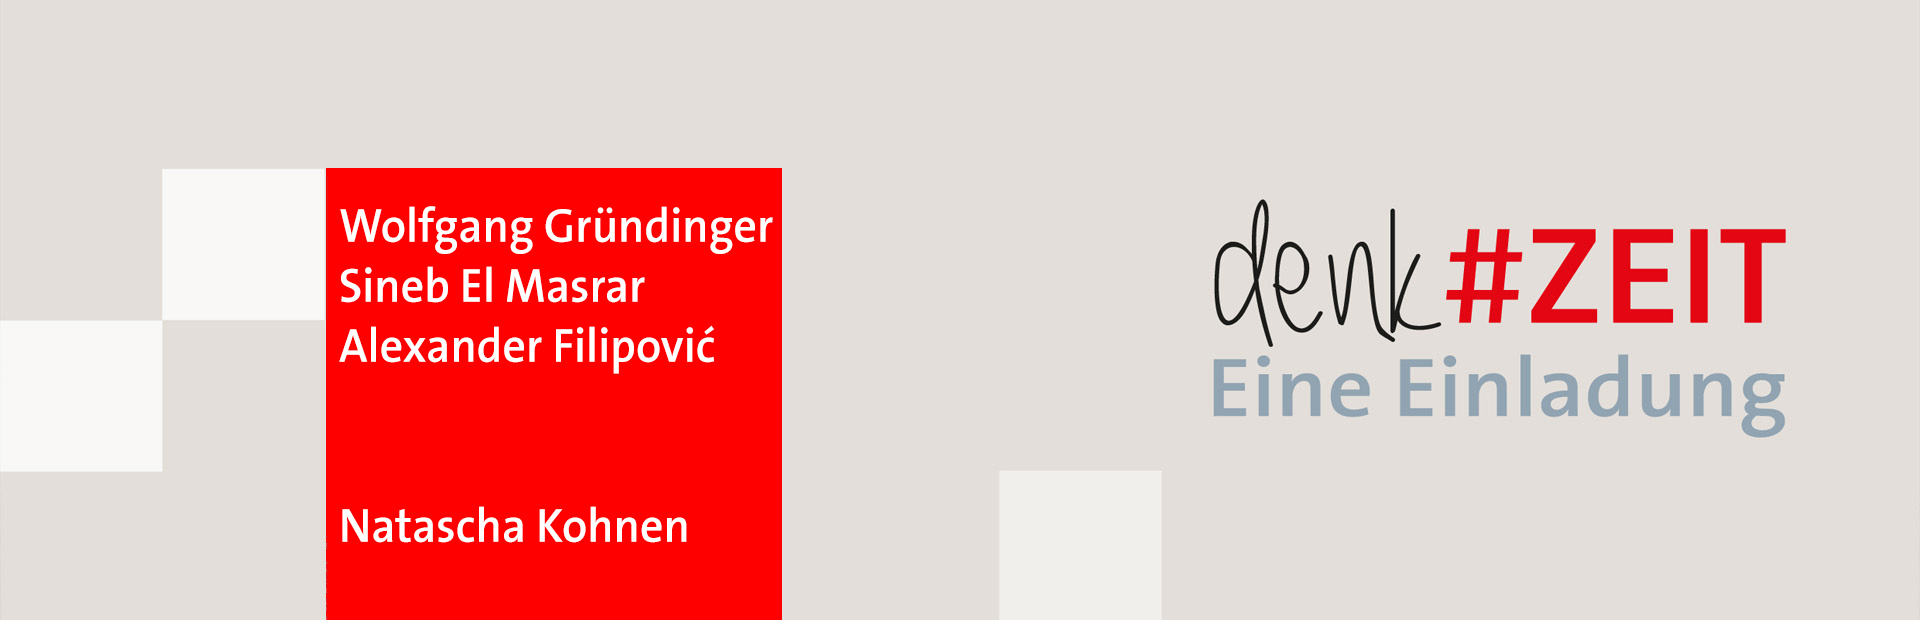 denk#ZEIT. Eine Einladung. Das Logo der Veranstaltungsreihe der BayernSPD-Landtagsfraktion